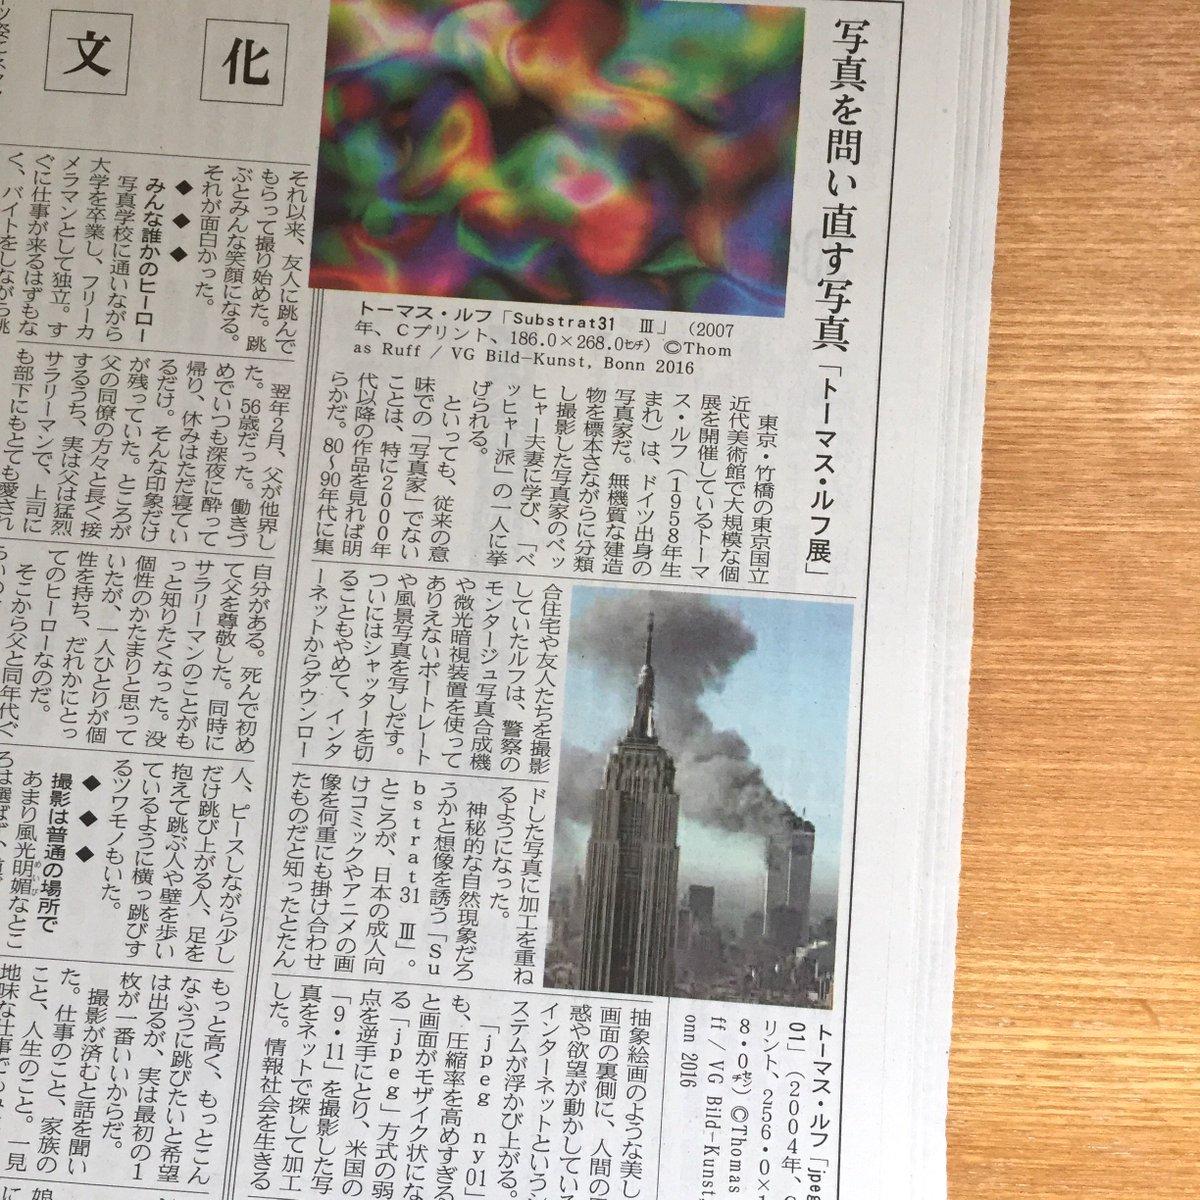 トーマス・ルフの jpeg、新聞に載ると普通の写真と同じ解像度だ… https://t.co/Smxot5cnh5